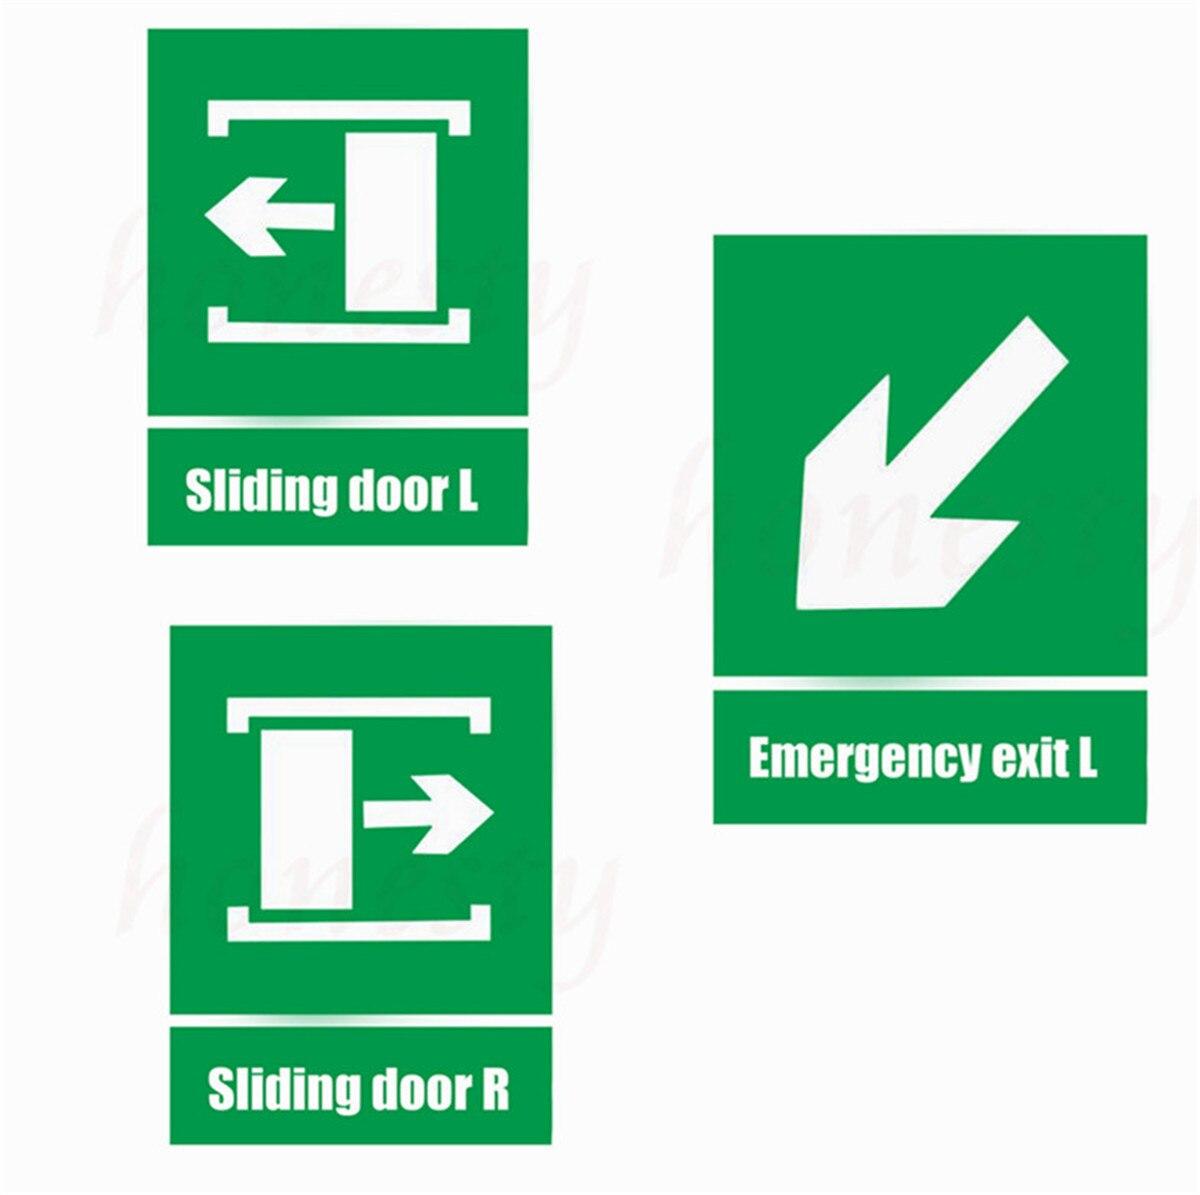 Раздвижные Двери Зеленый Огненный Знак самоклеющиеся Наклейки для Стен Предупреждающий Знак Безопасности Стикер Аварийного Выхода Этикет...